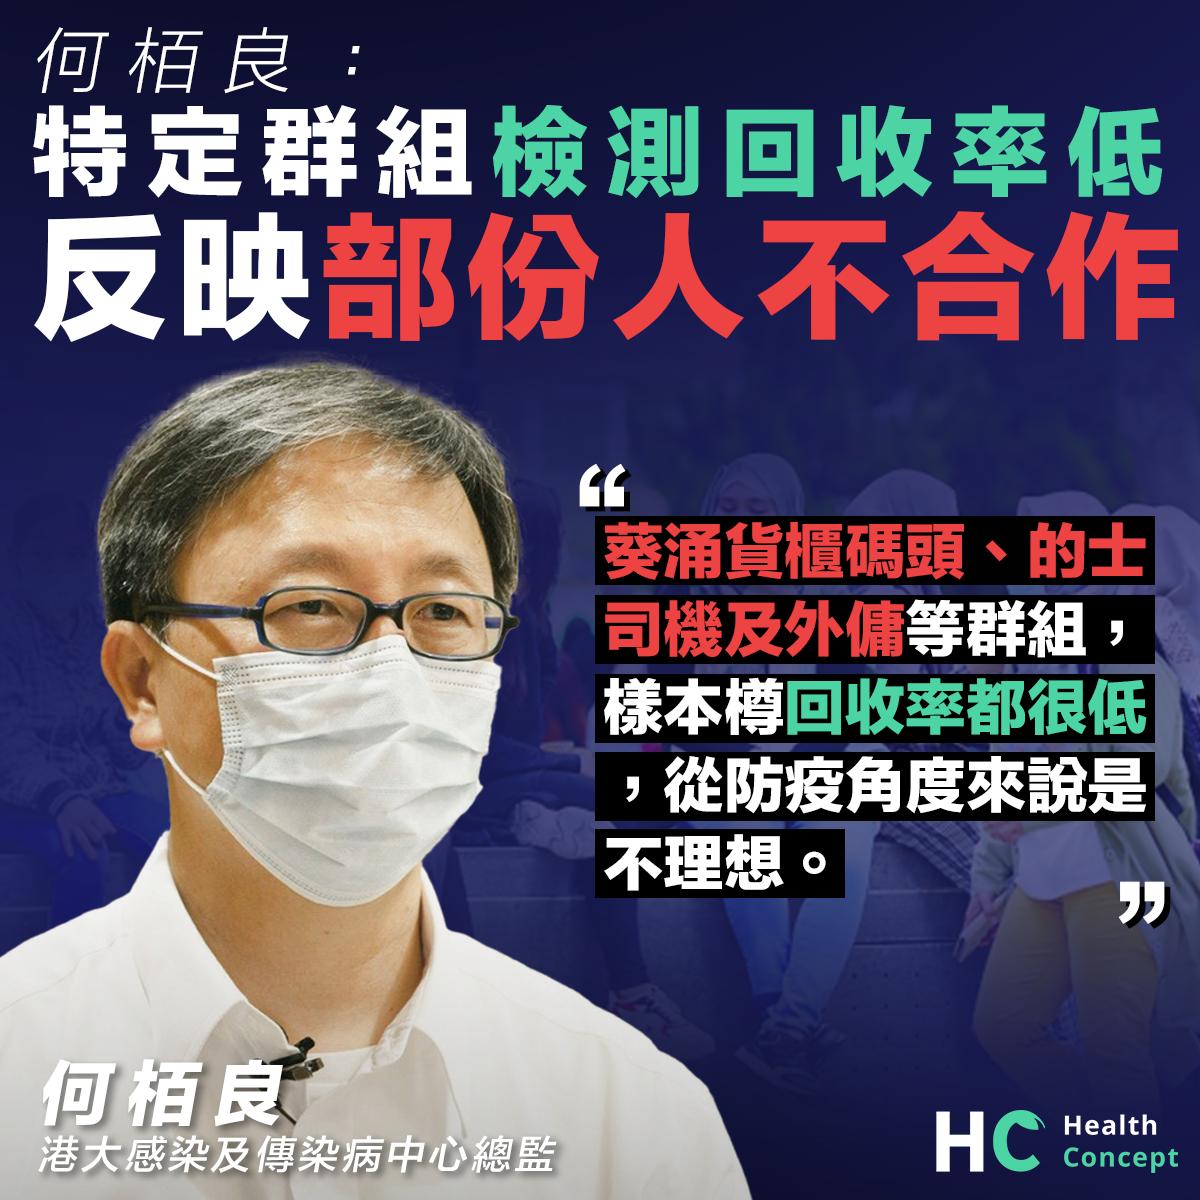 【新型肺炎】何栢良:特定群組檢測回收率低 反映部份人不合作